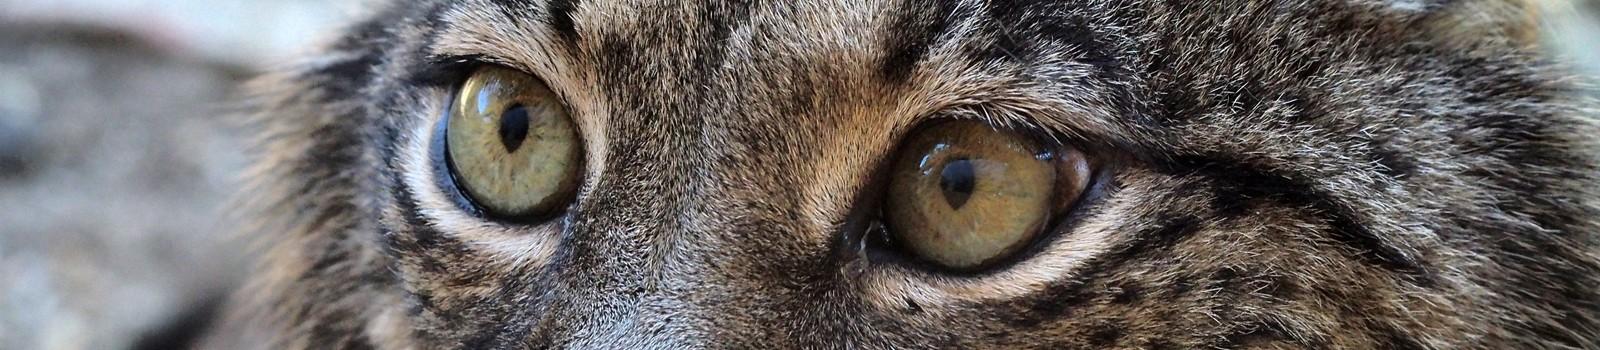 Lince-Ibérico (Lynx pardinus)